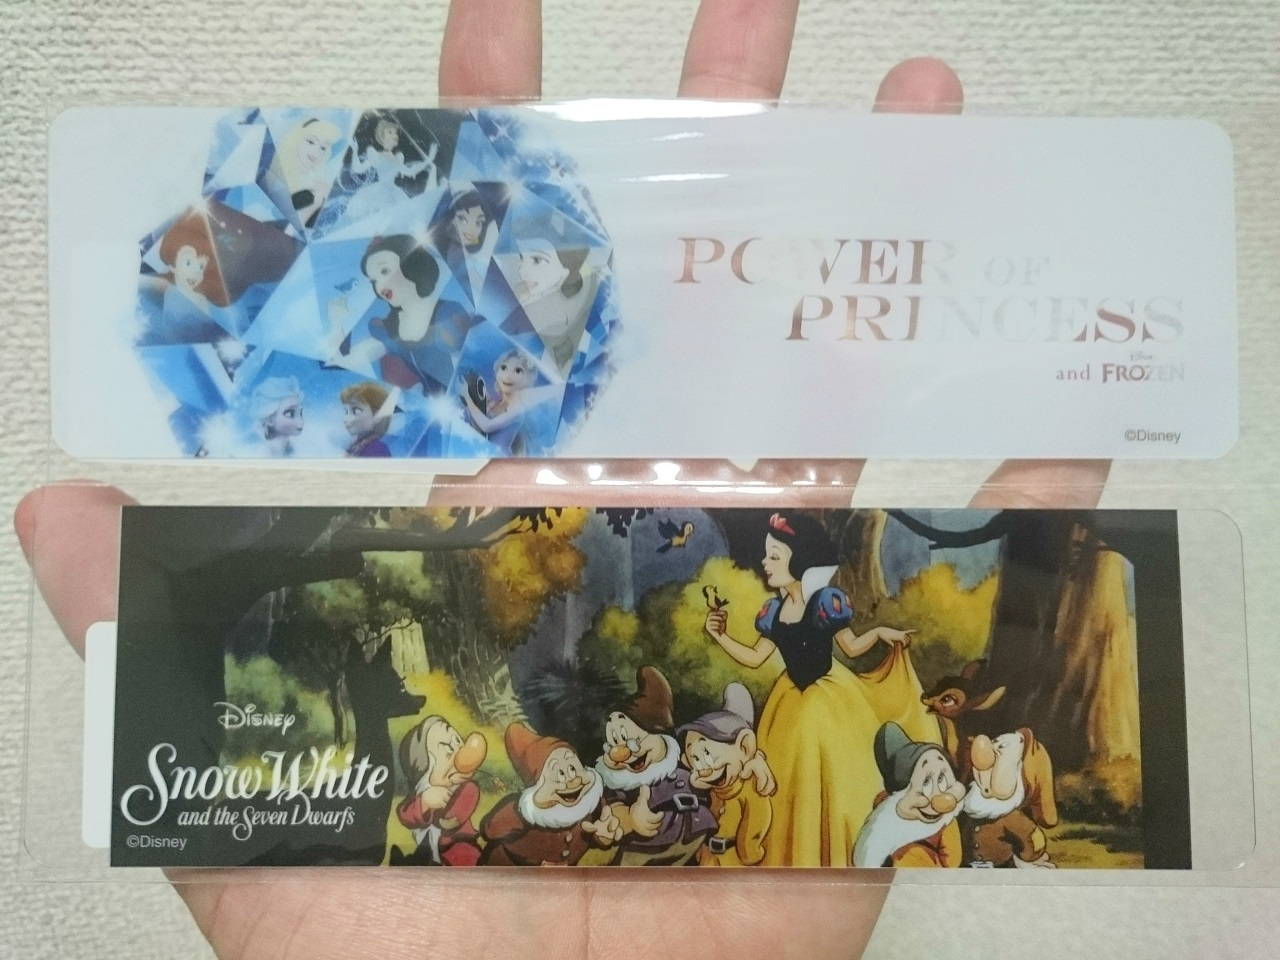 ディズニープリンセスとアナと雪の女王展_グッズ_栞